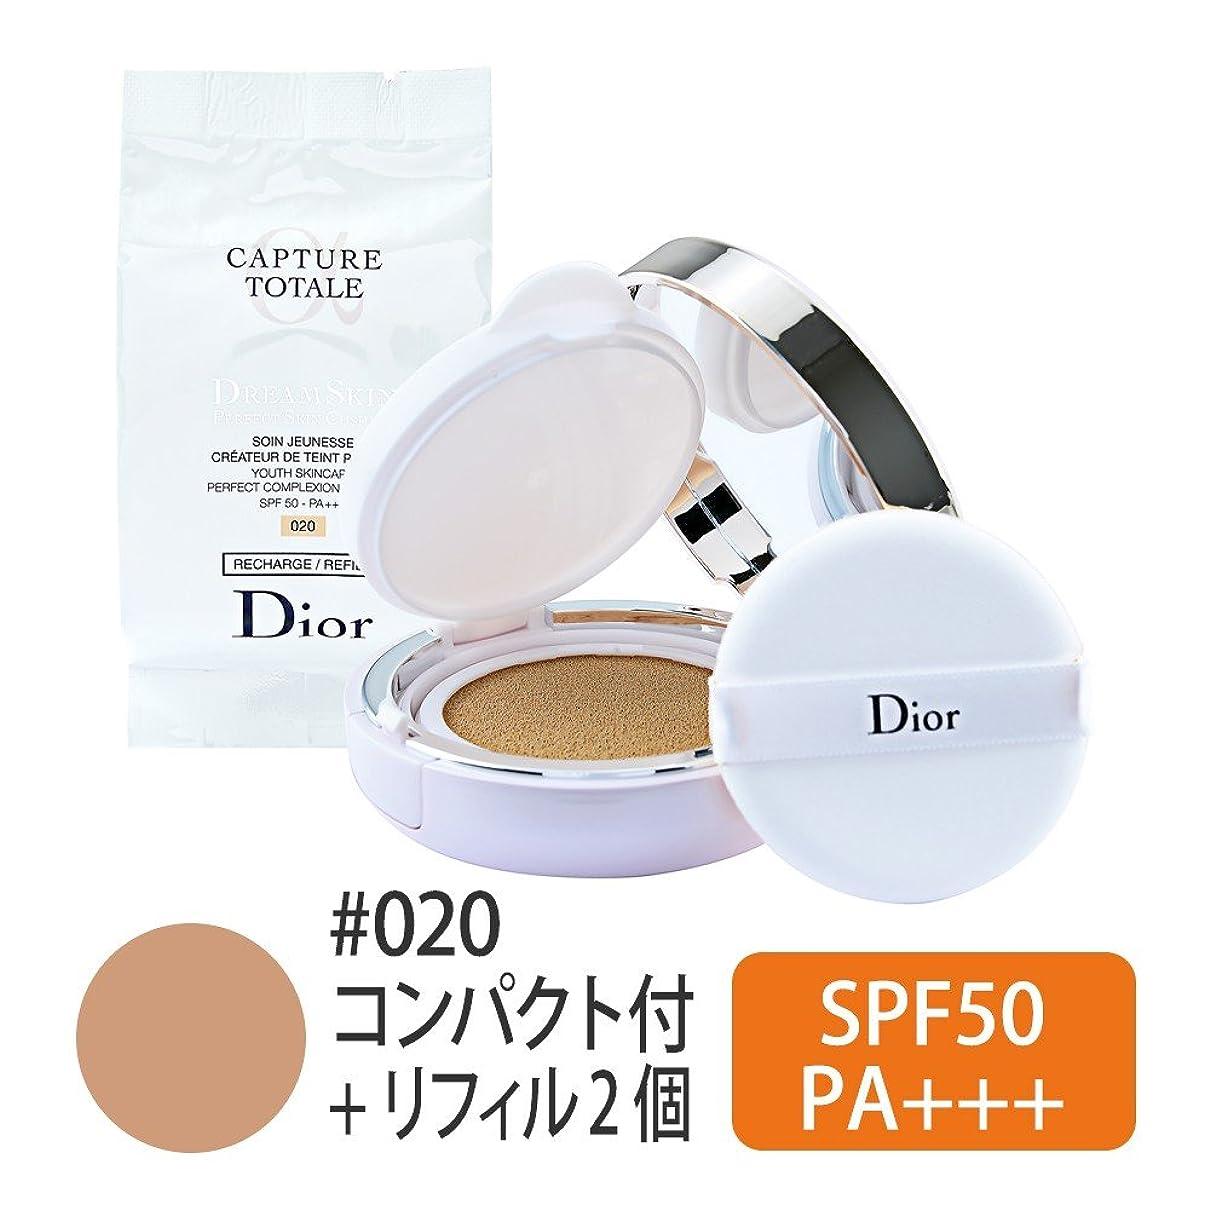 科学的謝罪突然Christian Dior クリスチャン ディオール カプチュール トータル ドリーム スキン クッション #020 SPF50-PA+++ 15g x 2 [並行輸入品]